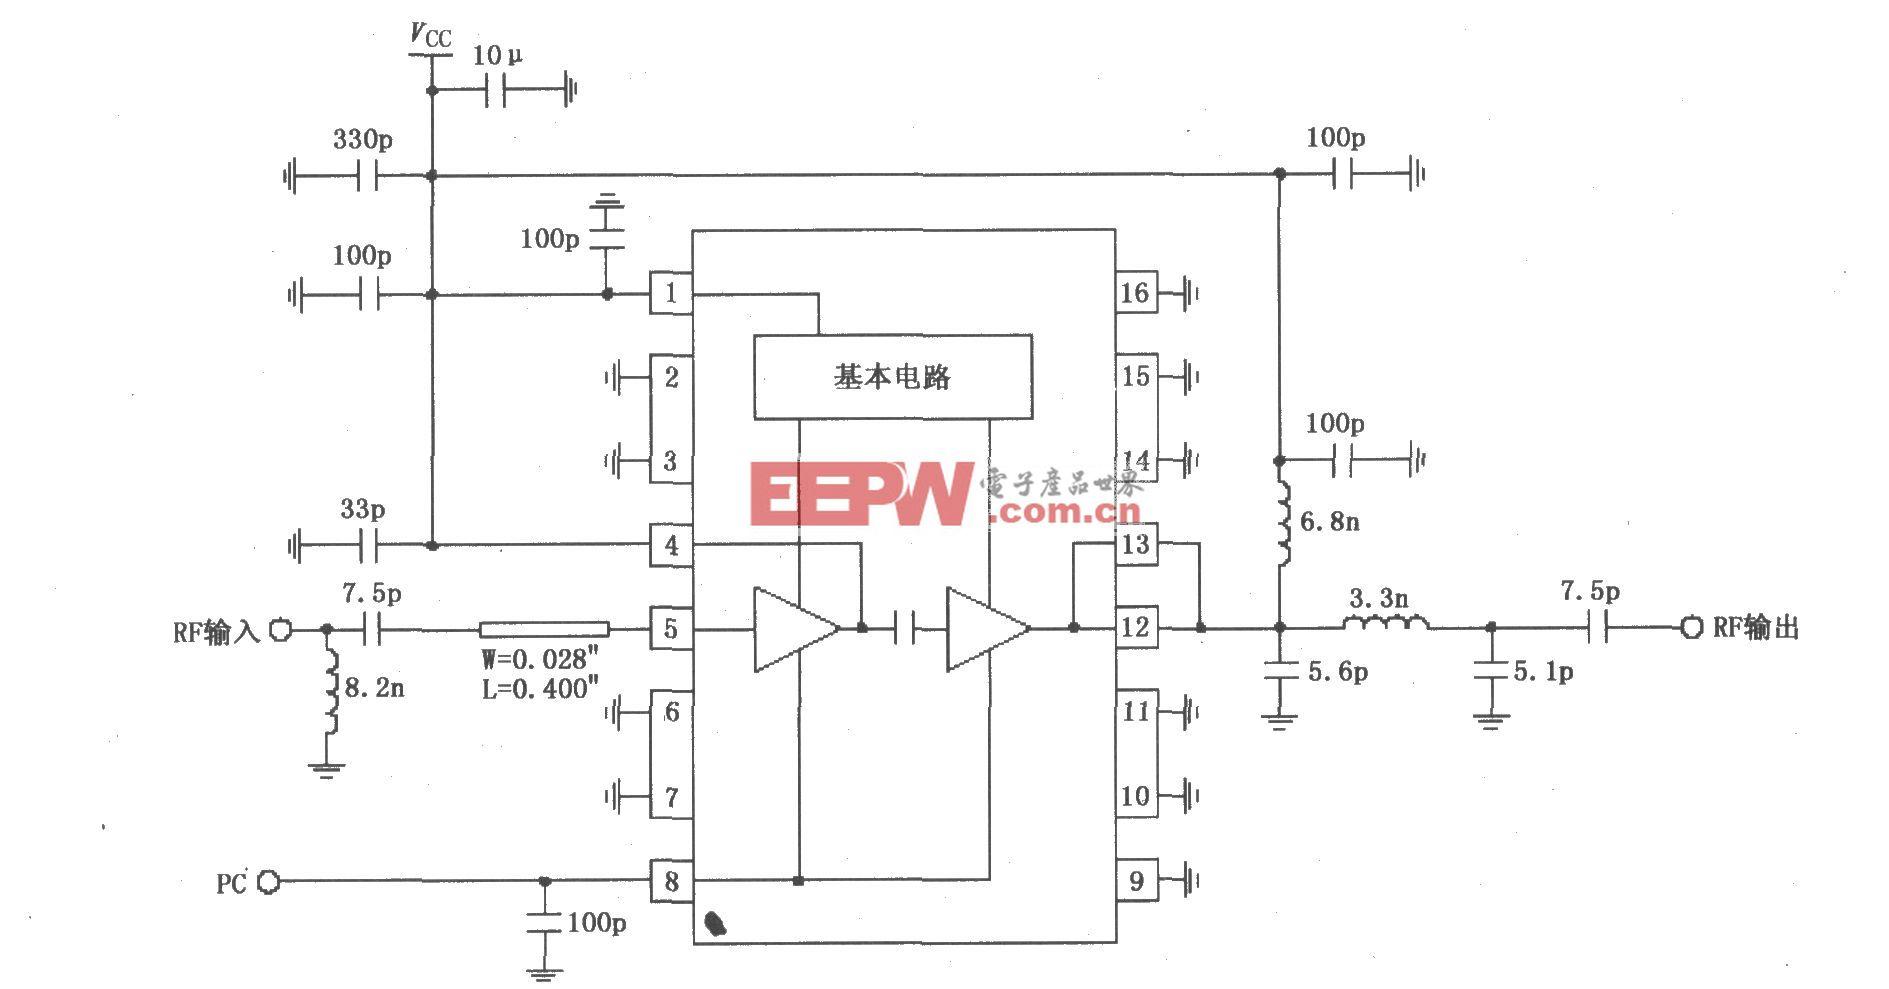 由RF2104构成的915MHz中功率放大器原理电路